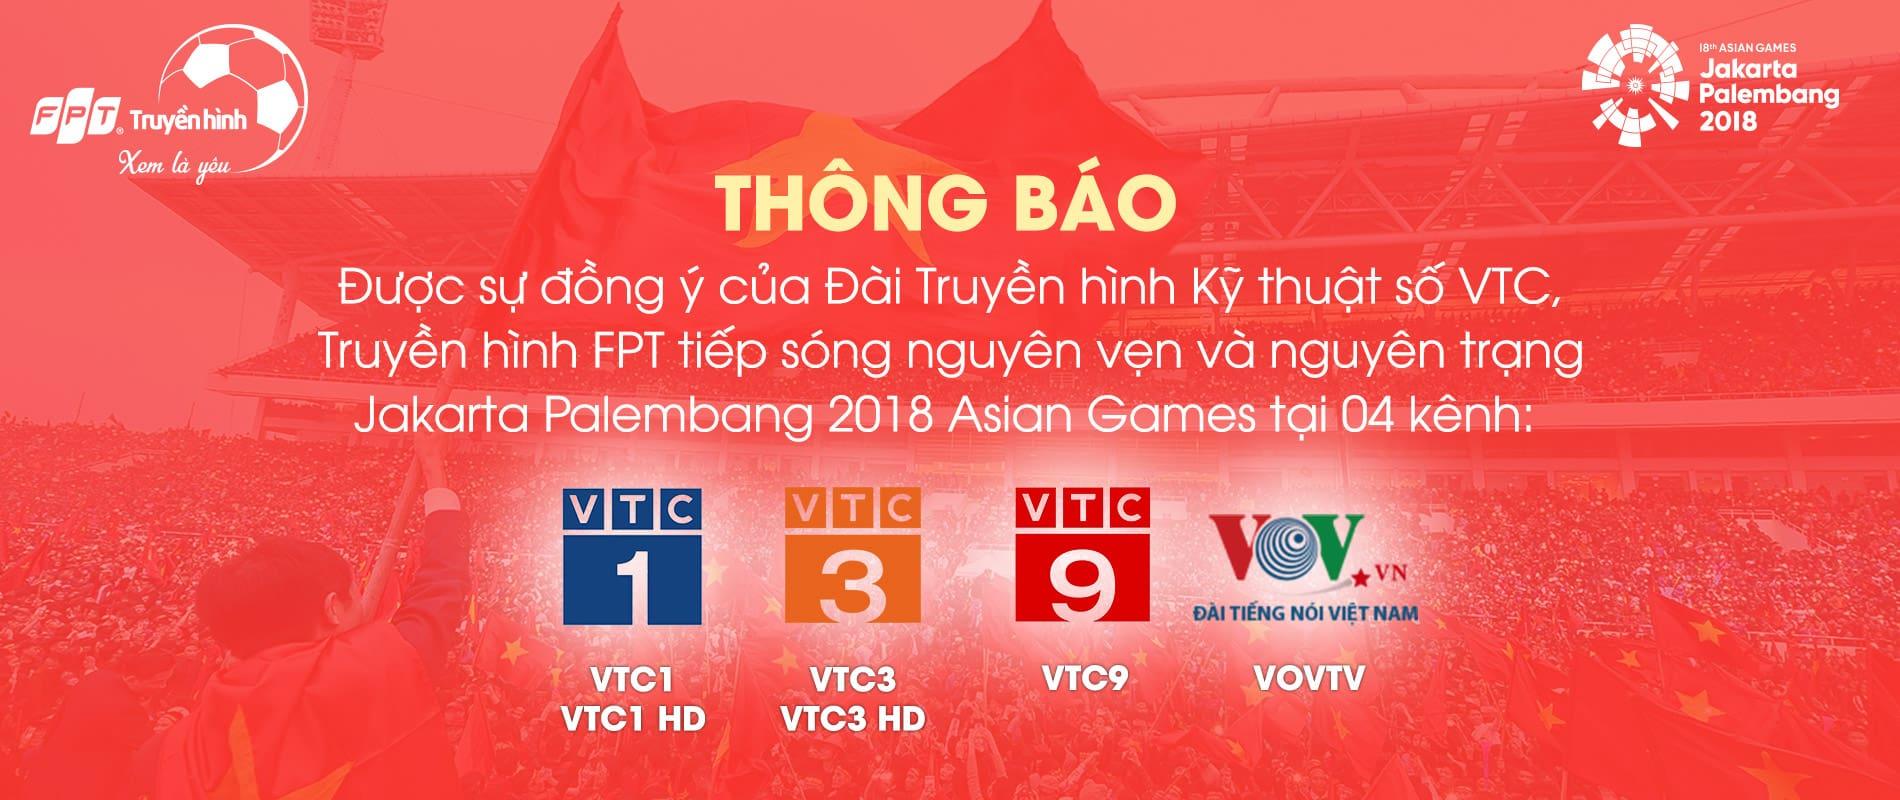 Asiad 2018 chính thức có mặt trên Truyền hình FPT